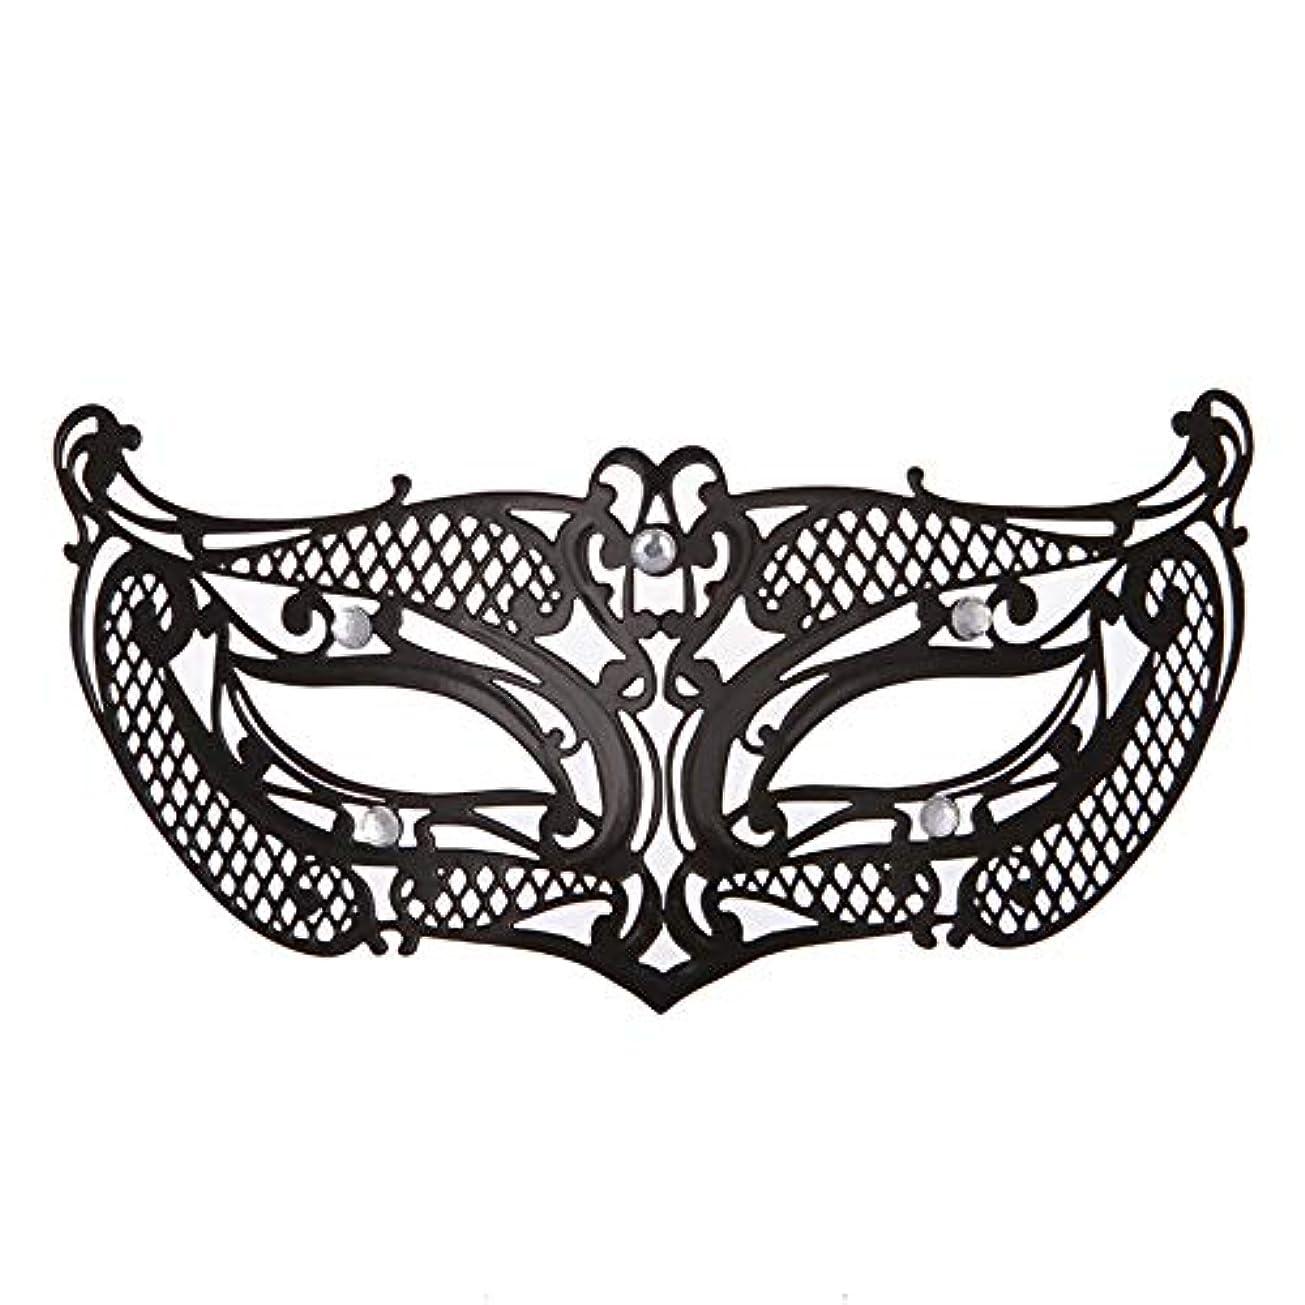 仕方メロドラマ入浴ダンスマスク アイアンメタリックレースとダイヤモンドハーフマスクハロウィンダンスマスクナイトクラブボールマスクコスプレパーティーハロウィンマスク ホリデーパーティー用品 (色 : ブラック, サイズ : 19x8cm)